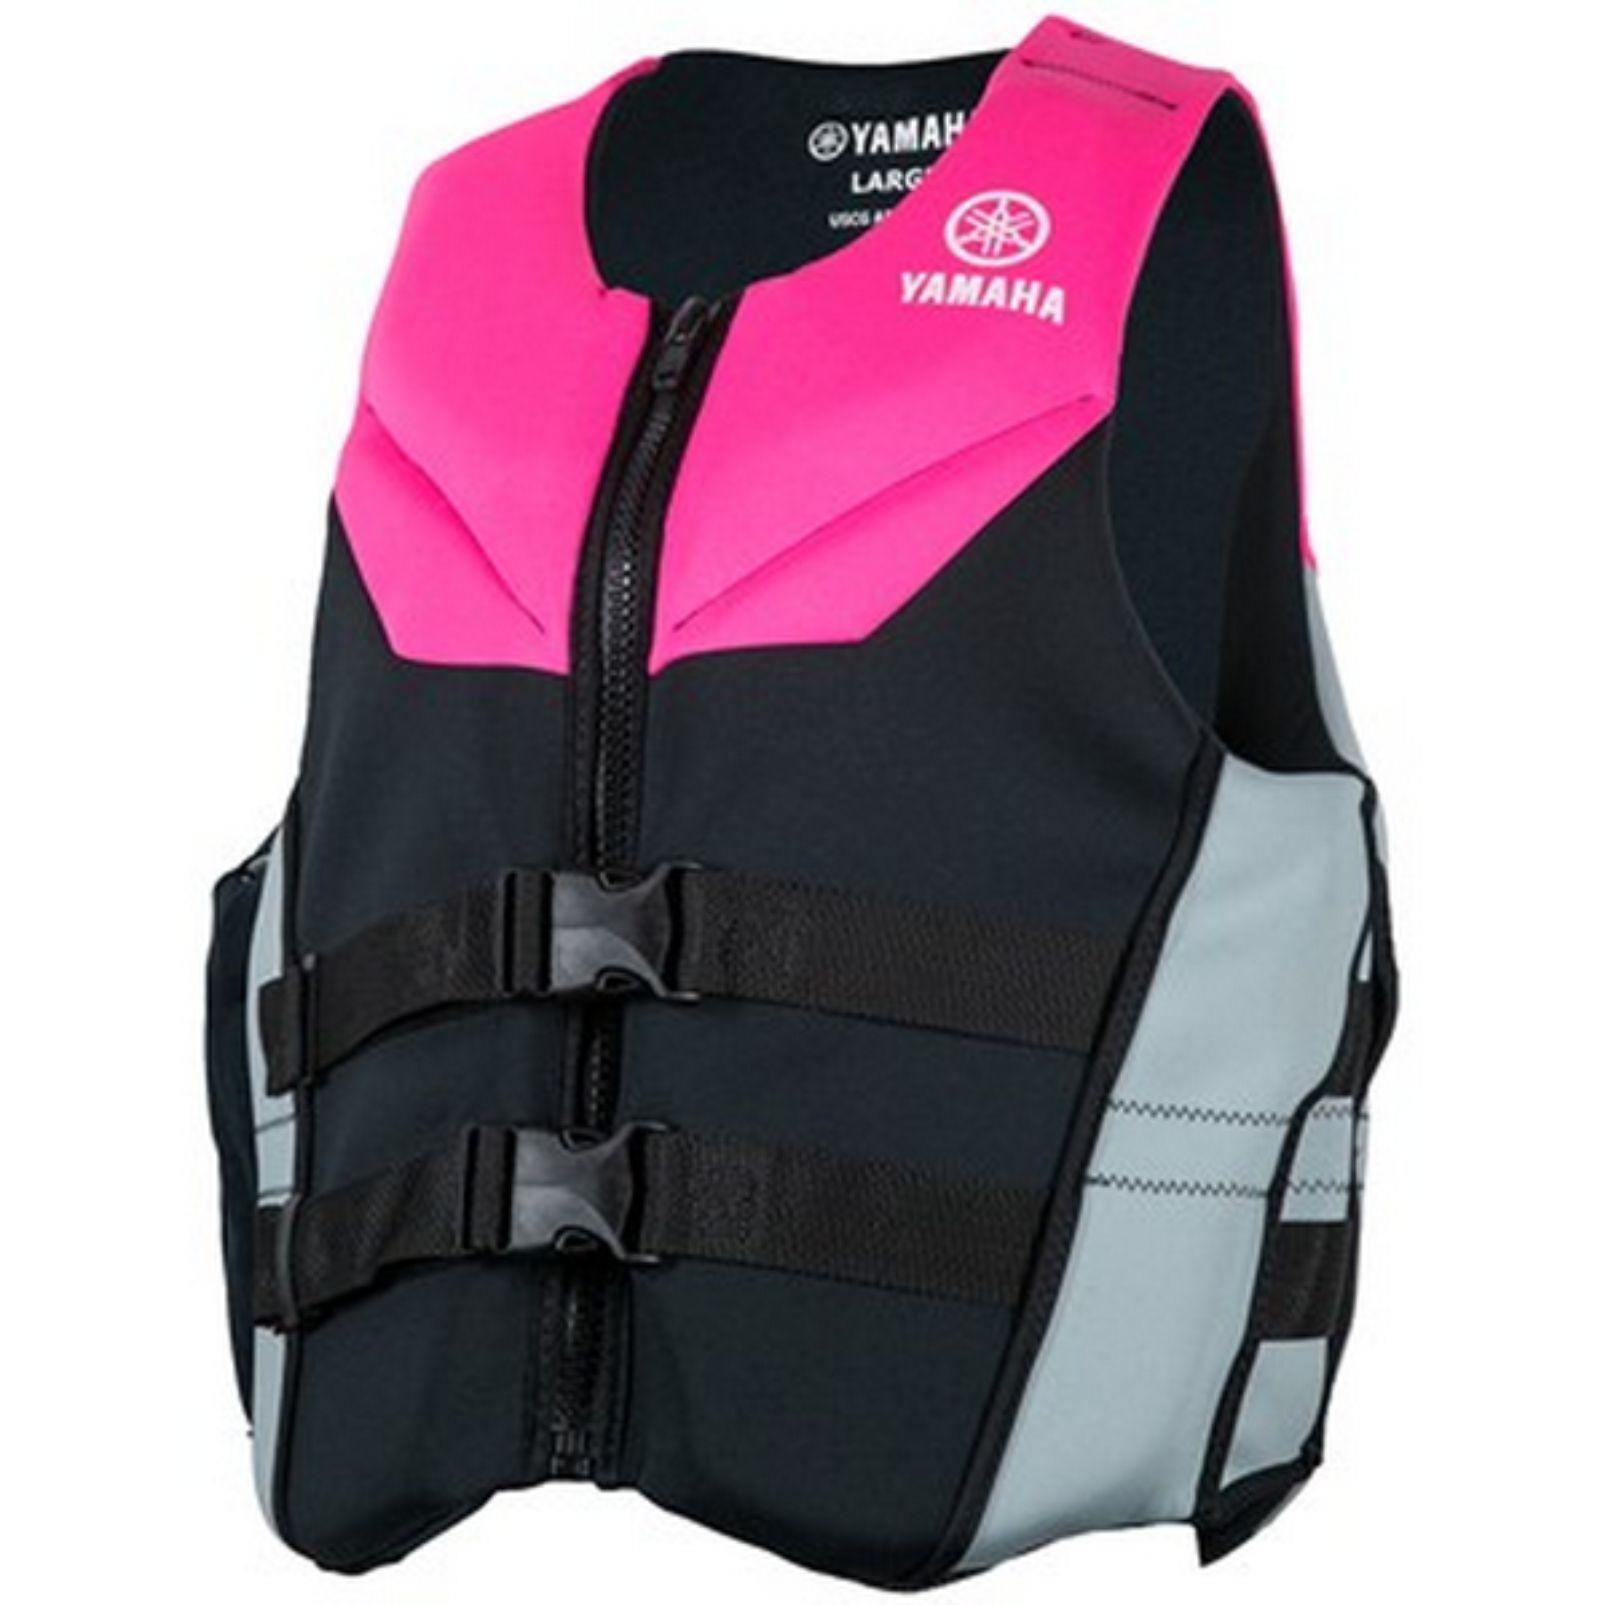 Women in life jackets